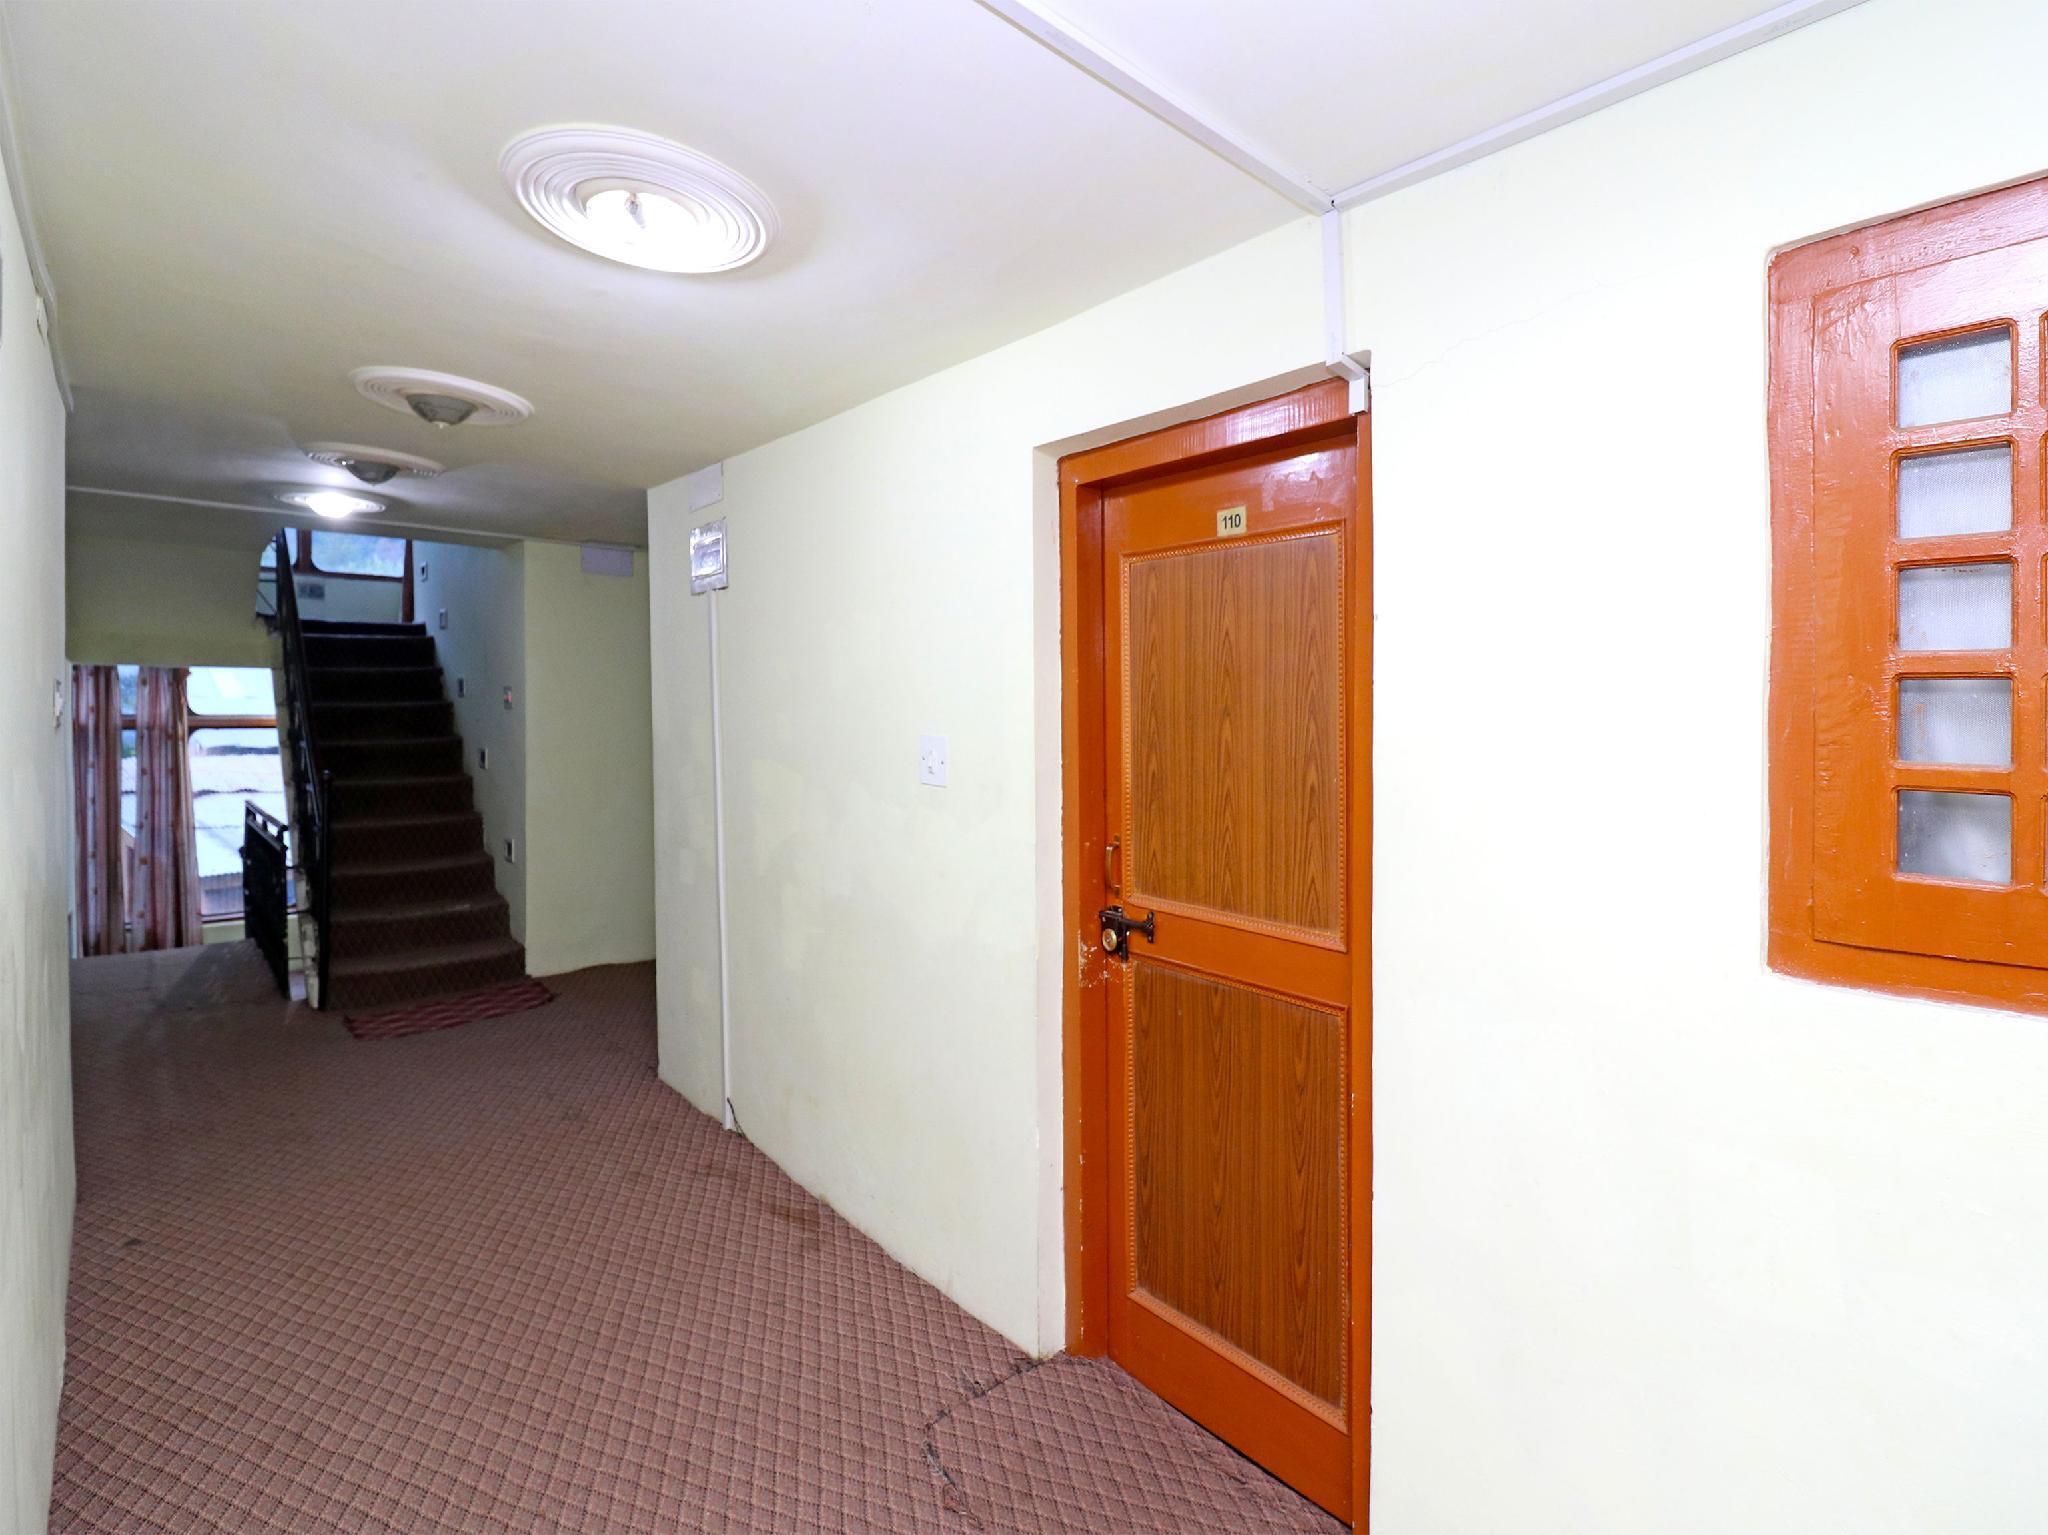 OYO 18416 Hotel Park Palace, Anantnag